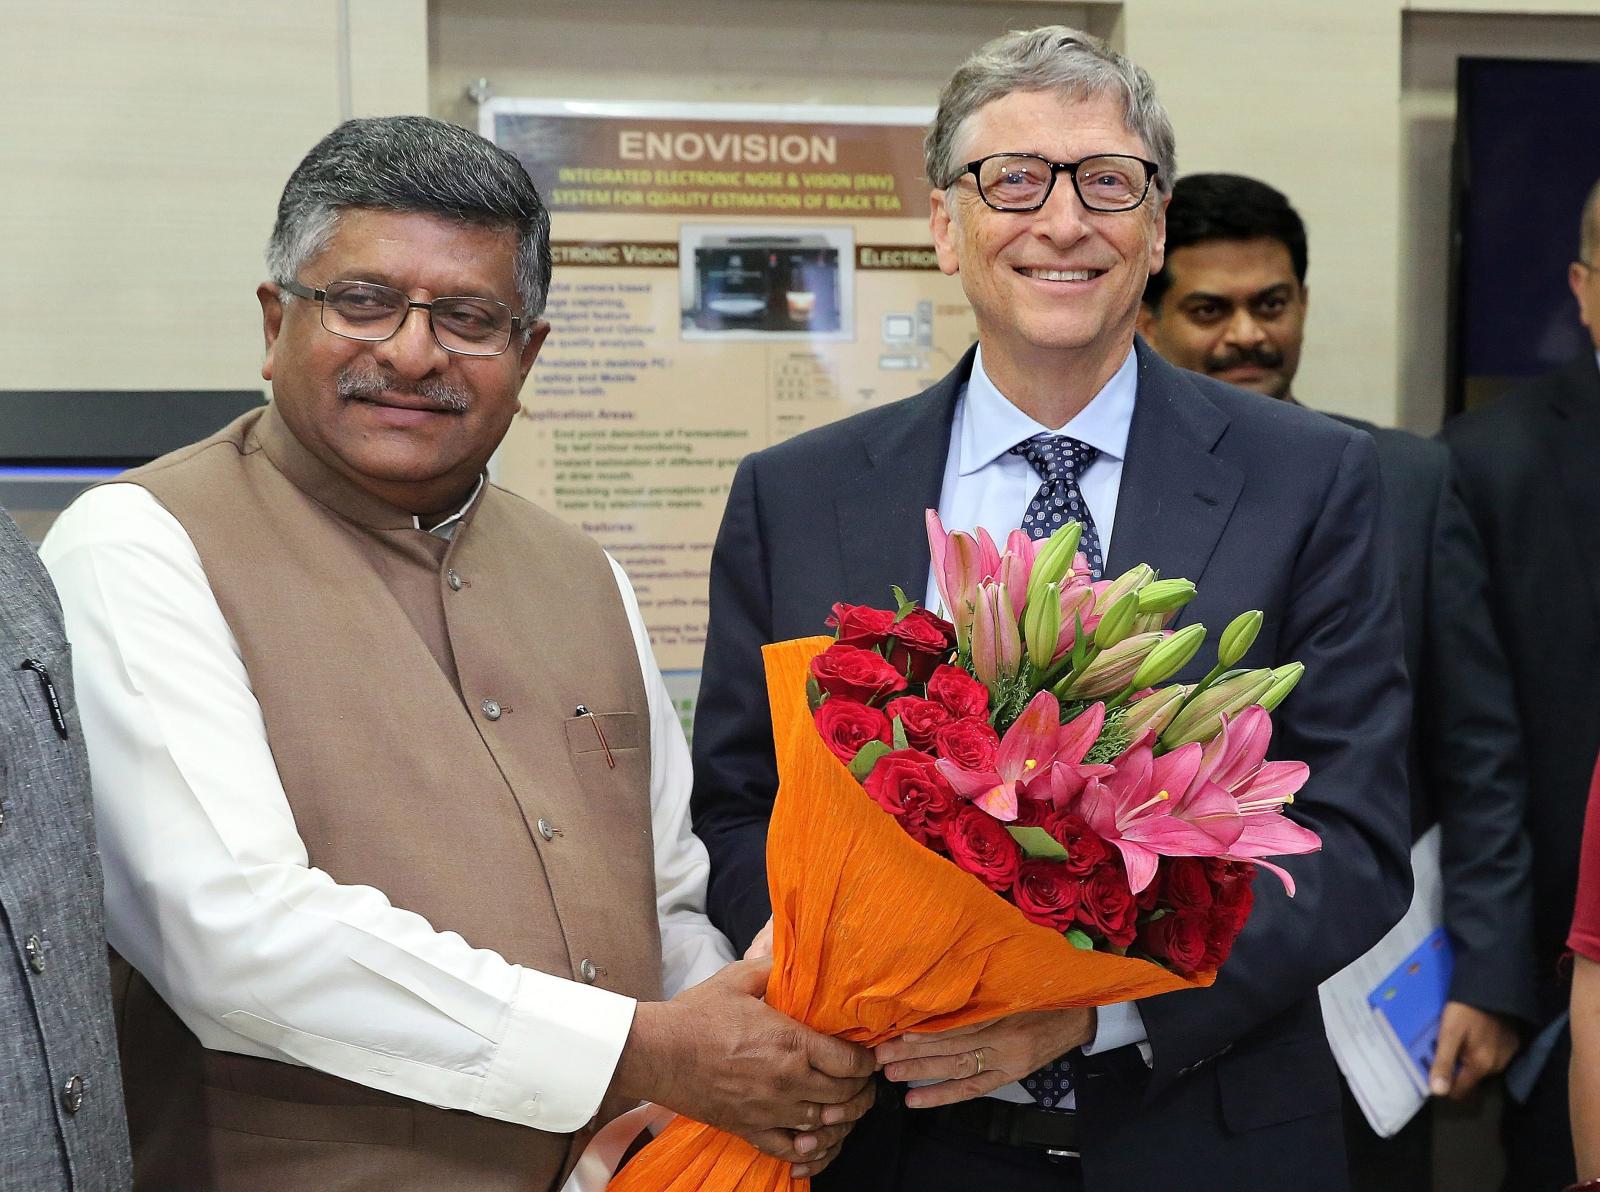 Bill Gates odwiedził Indie, gdzie został przywitany przez ministra Elektroniki, IT i Pra i Sprawiedliwości, Raviego Shankara Prasada. Fot. EPA/RAJAT GUPTA